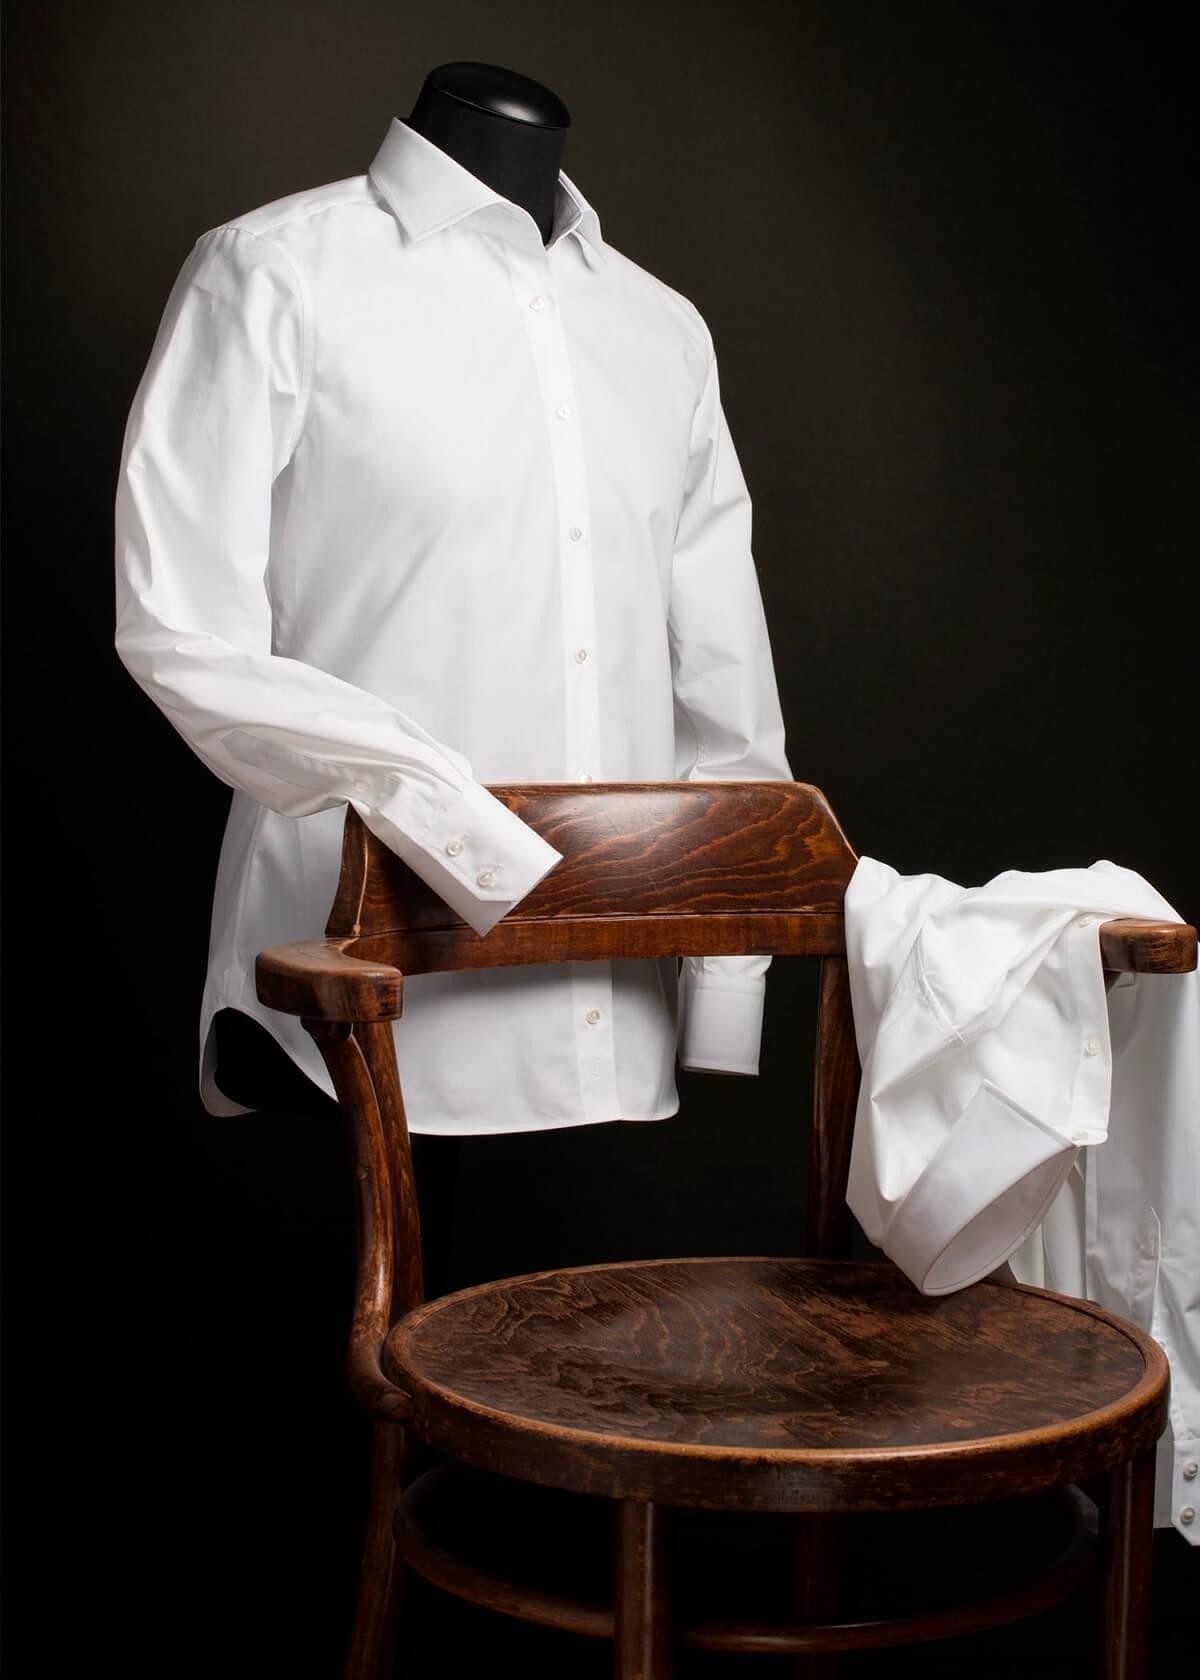 Zwart Overhemd We.Duurzame Overhemden Is De Standaard Cees N Co